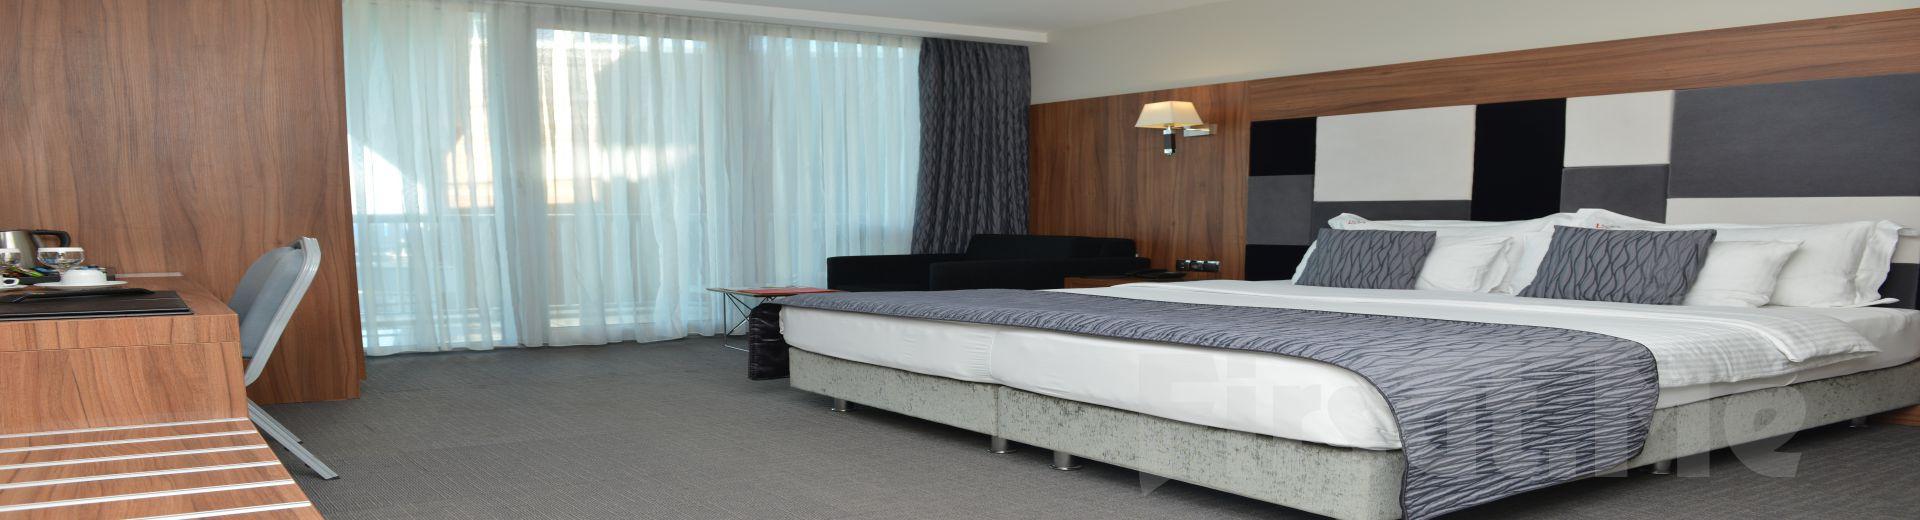 Yalova Lova Hotel & Spa'da 2 Kişilik Konaklama Seçenekleri